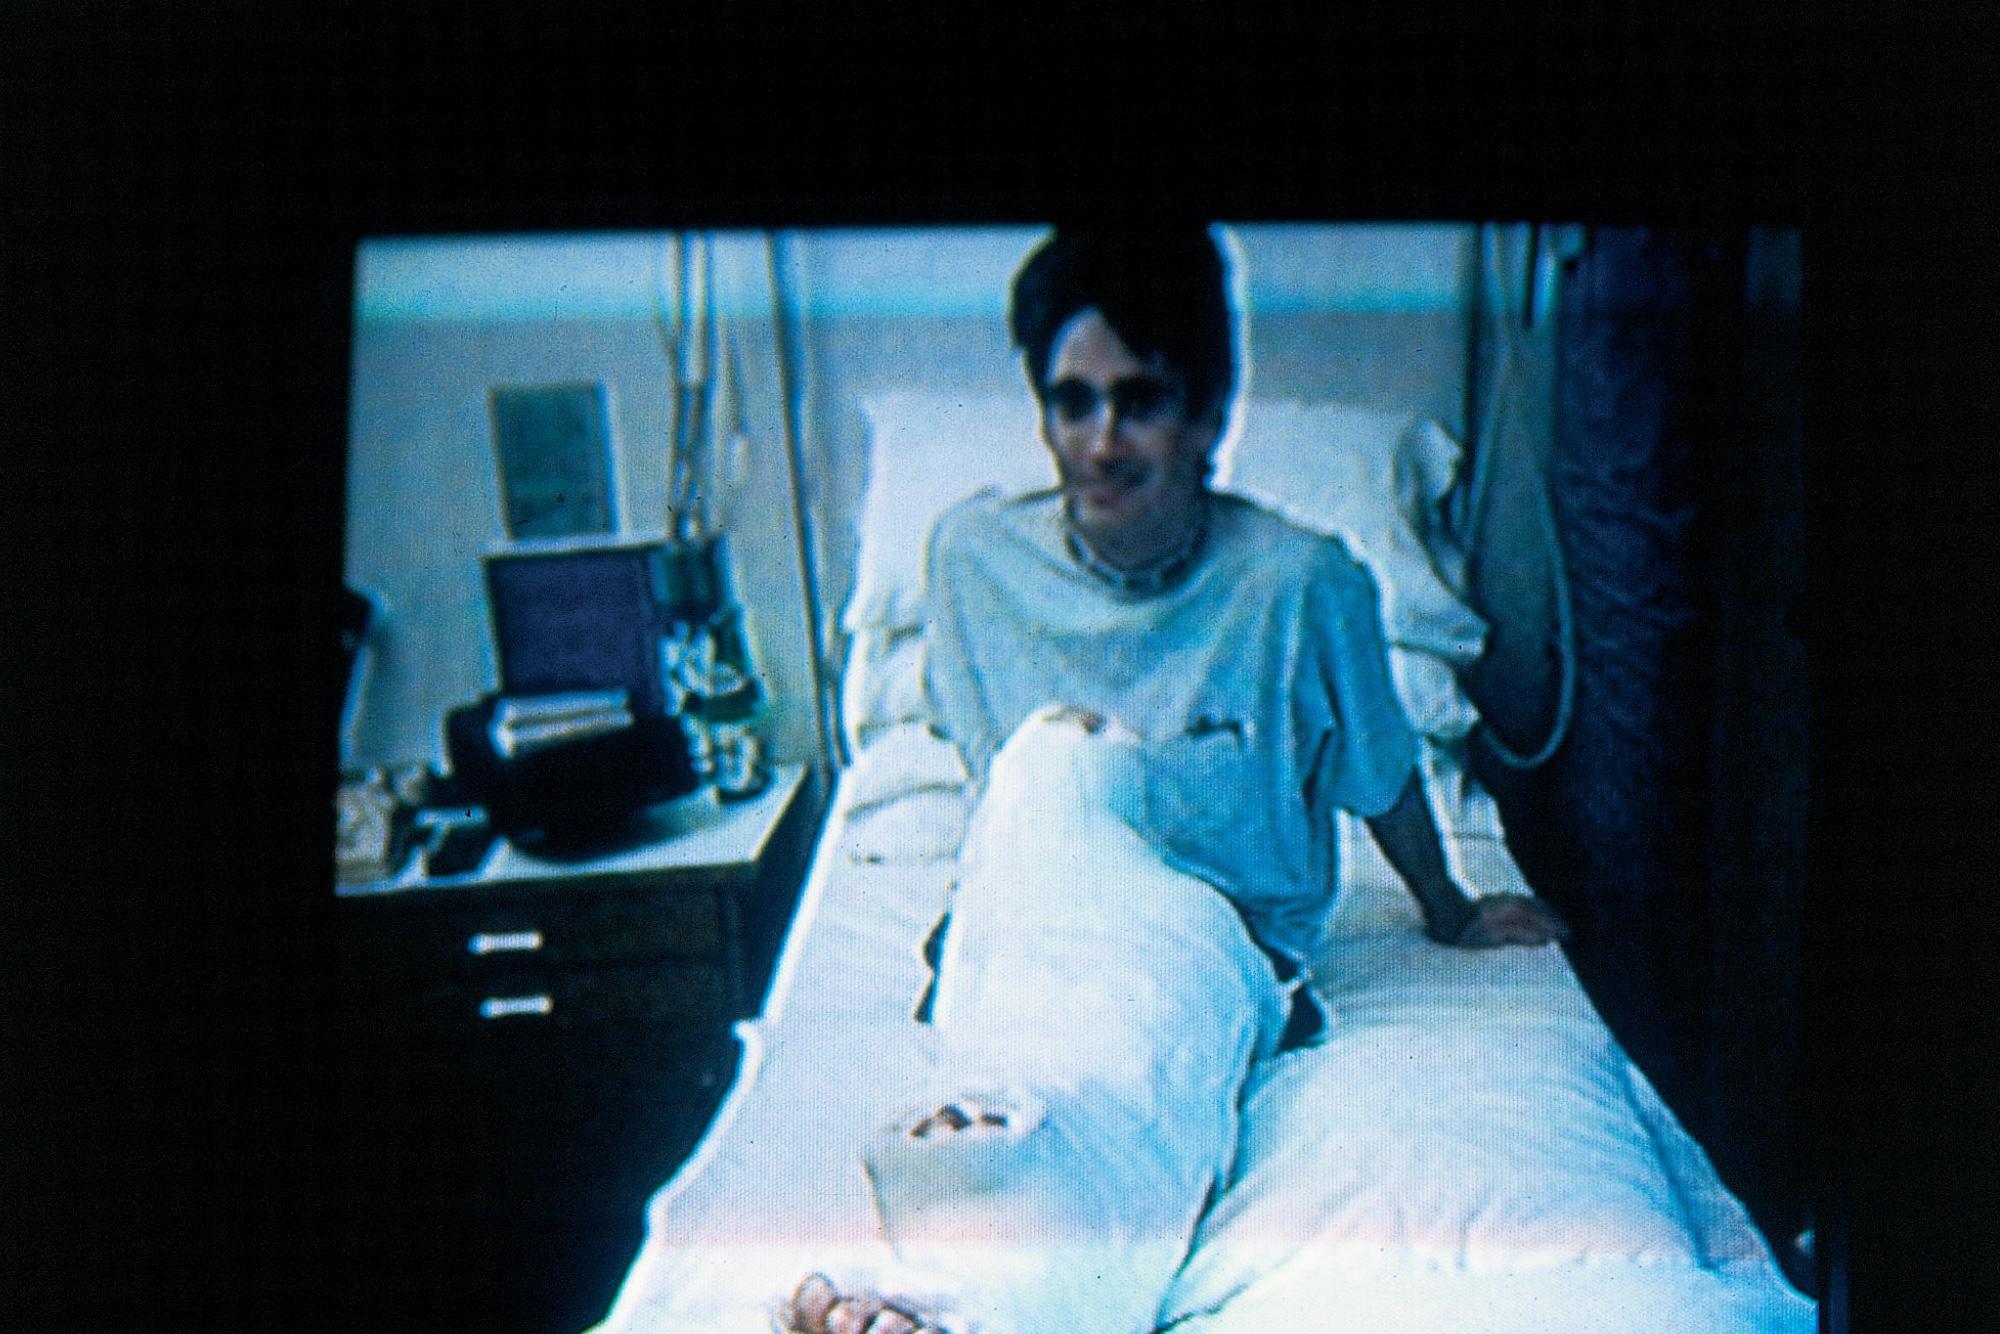 Mick Doohan in hospital